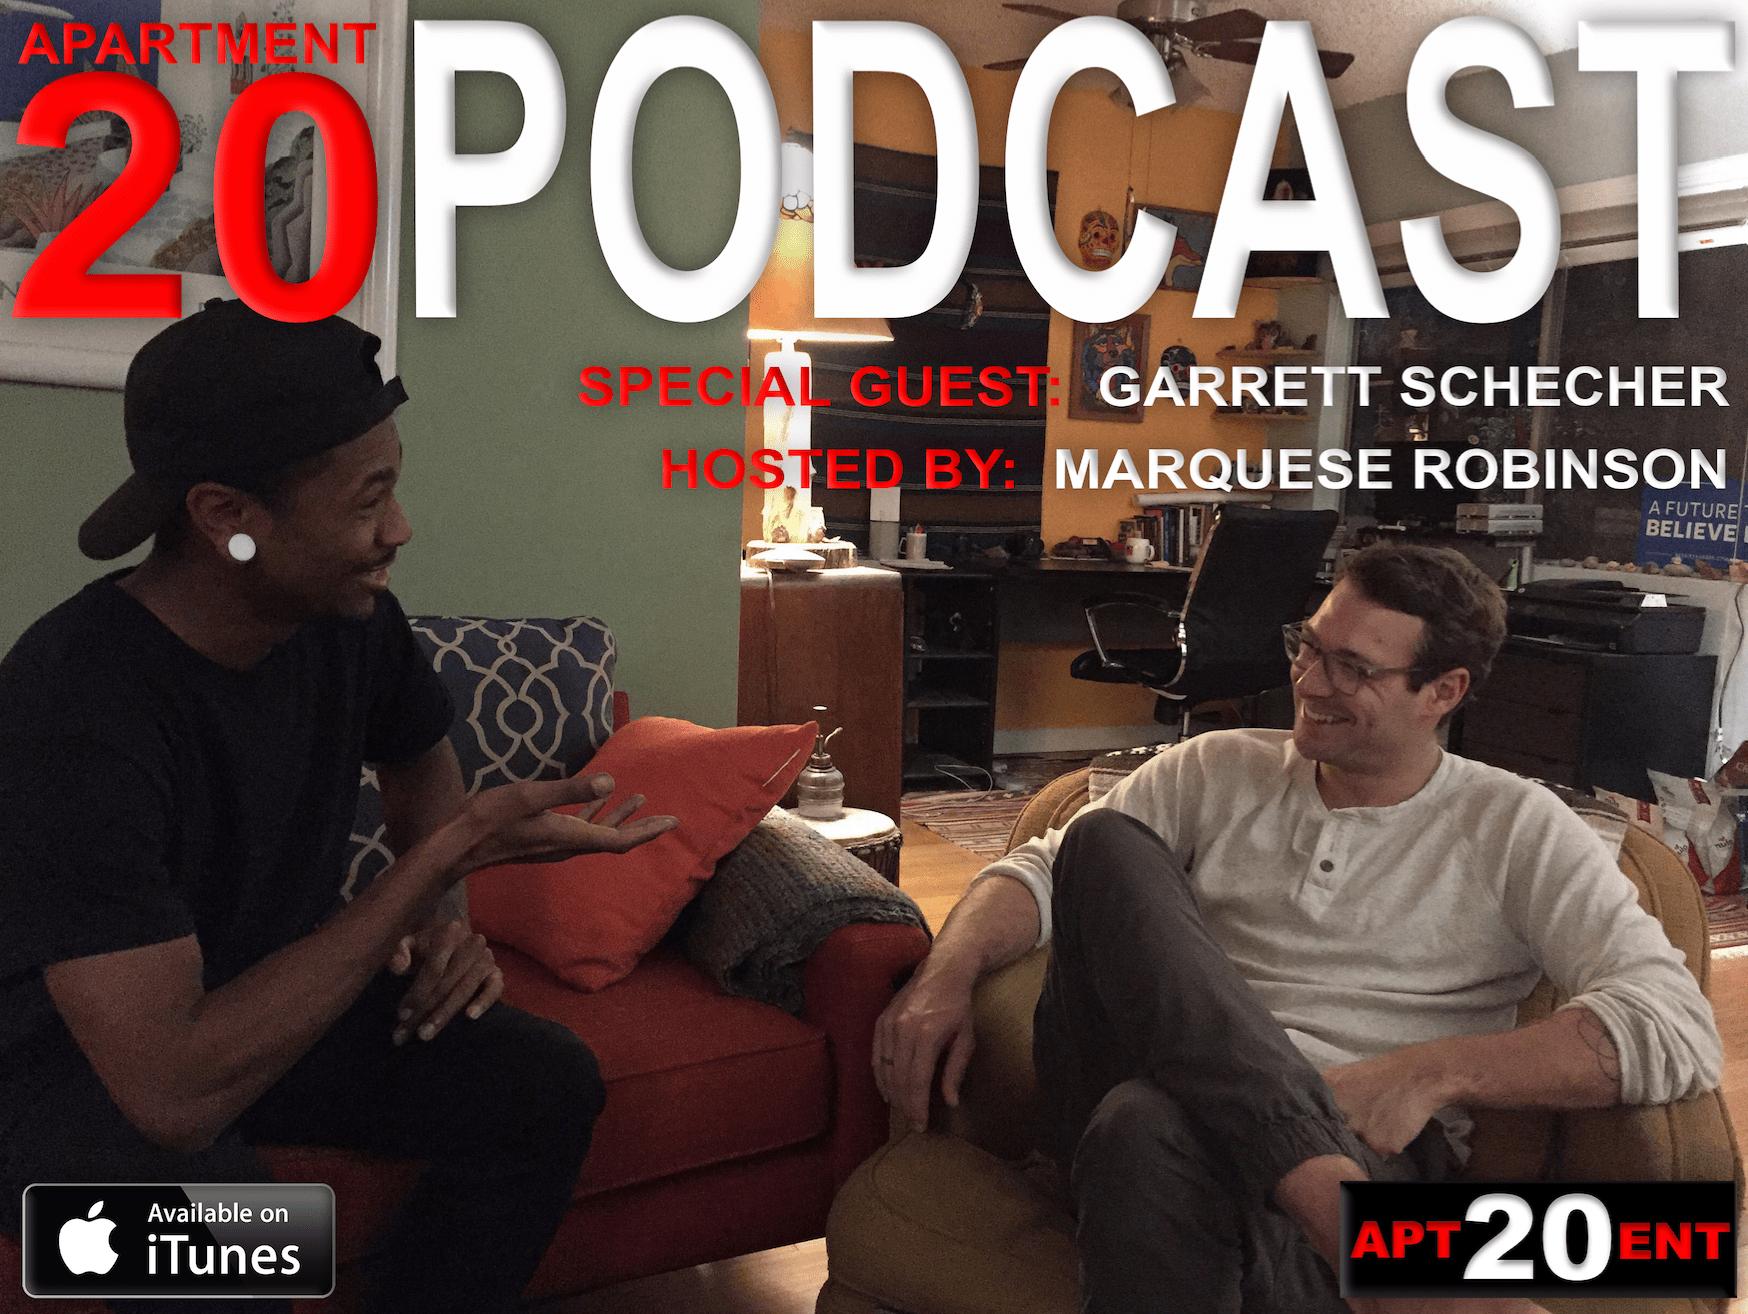 Apartment 20 Podcast: Garrett Schecher